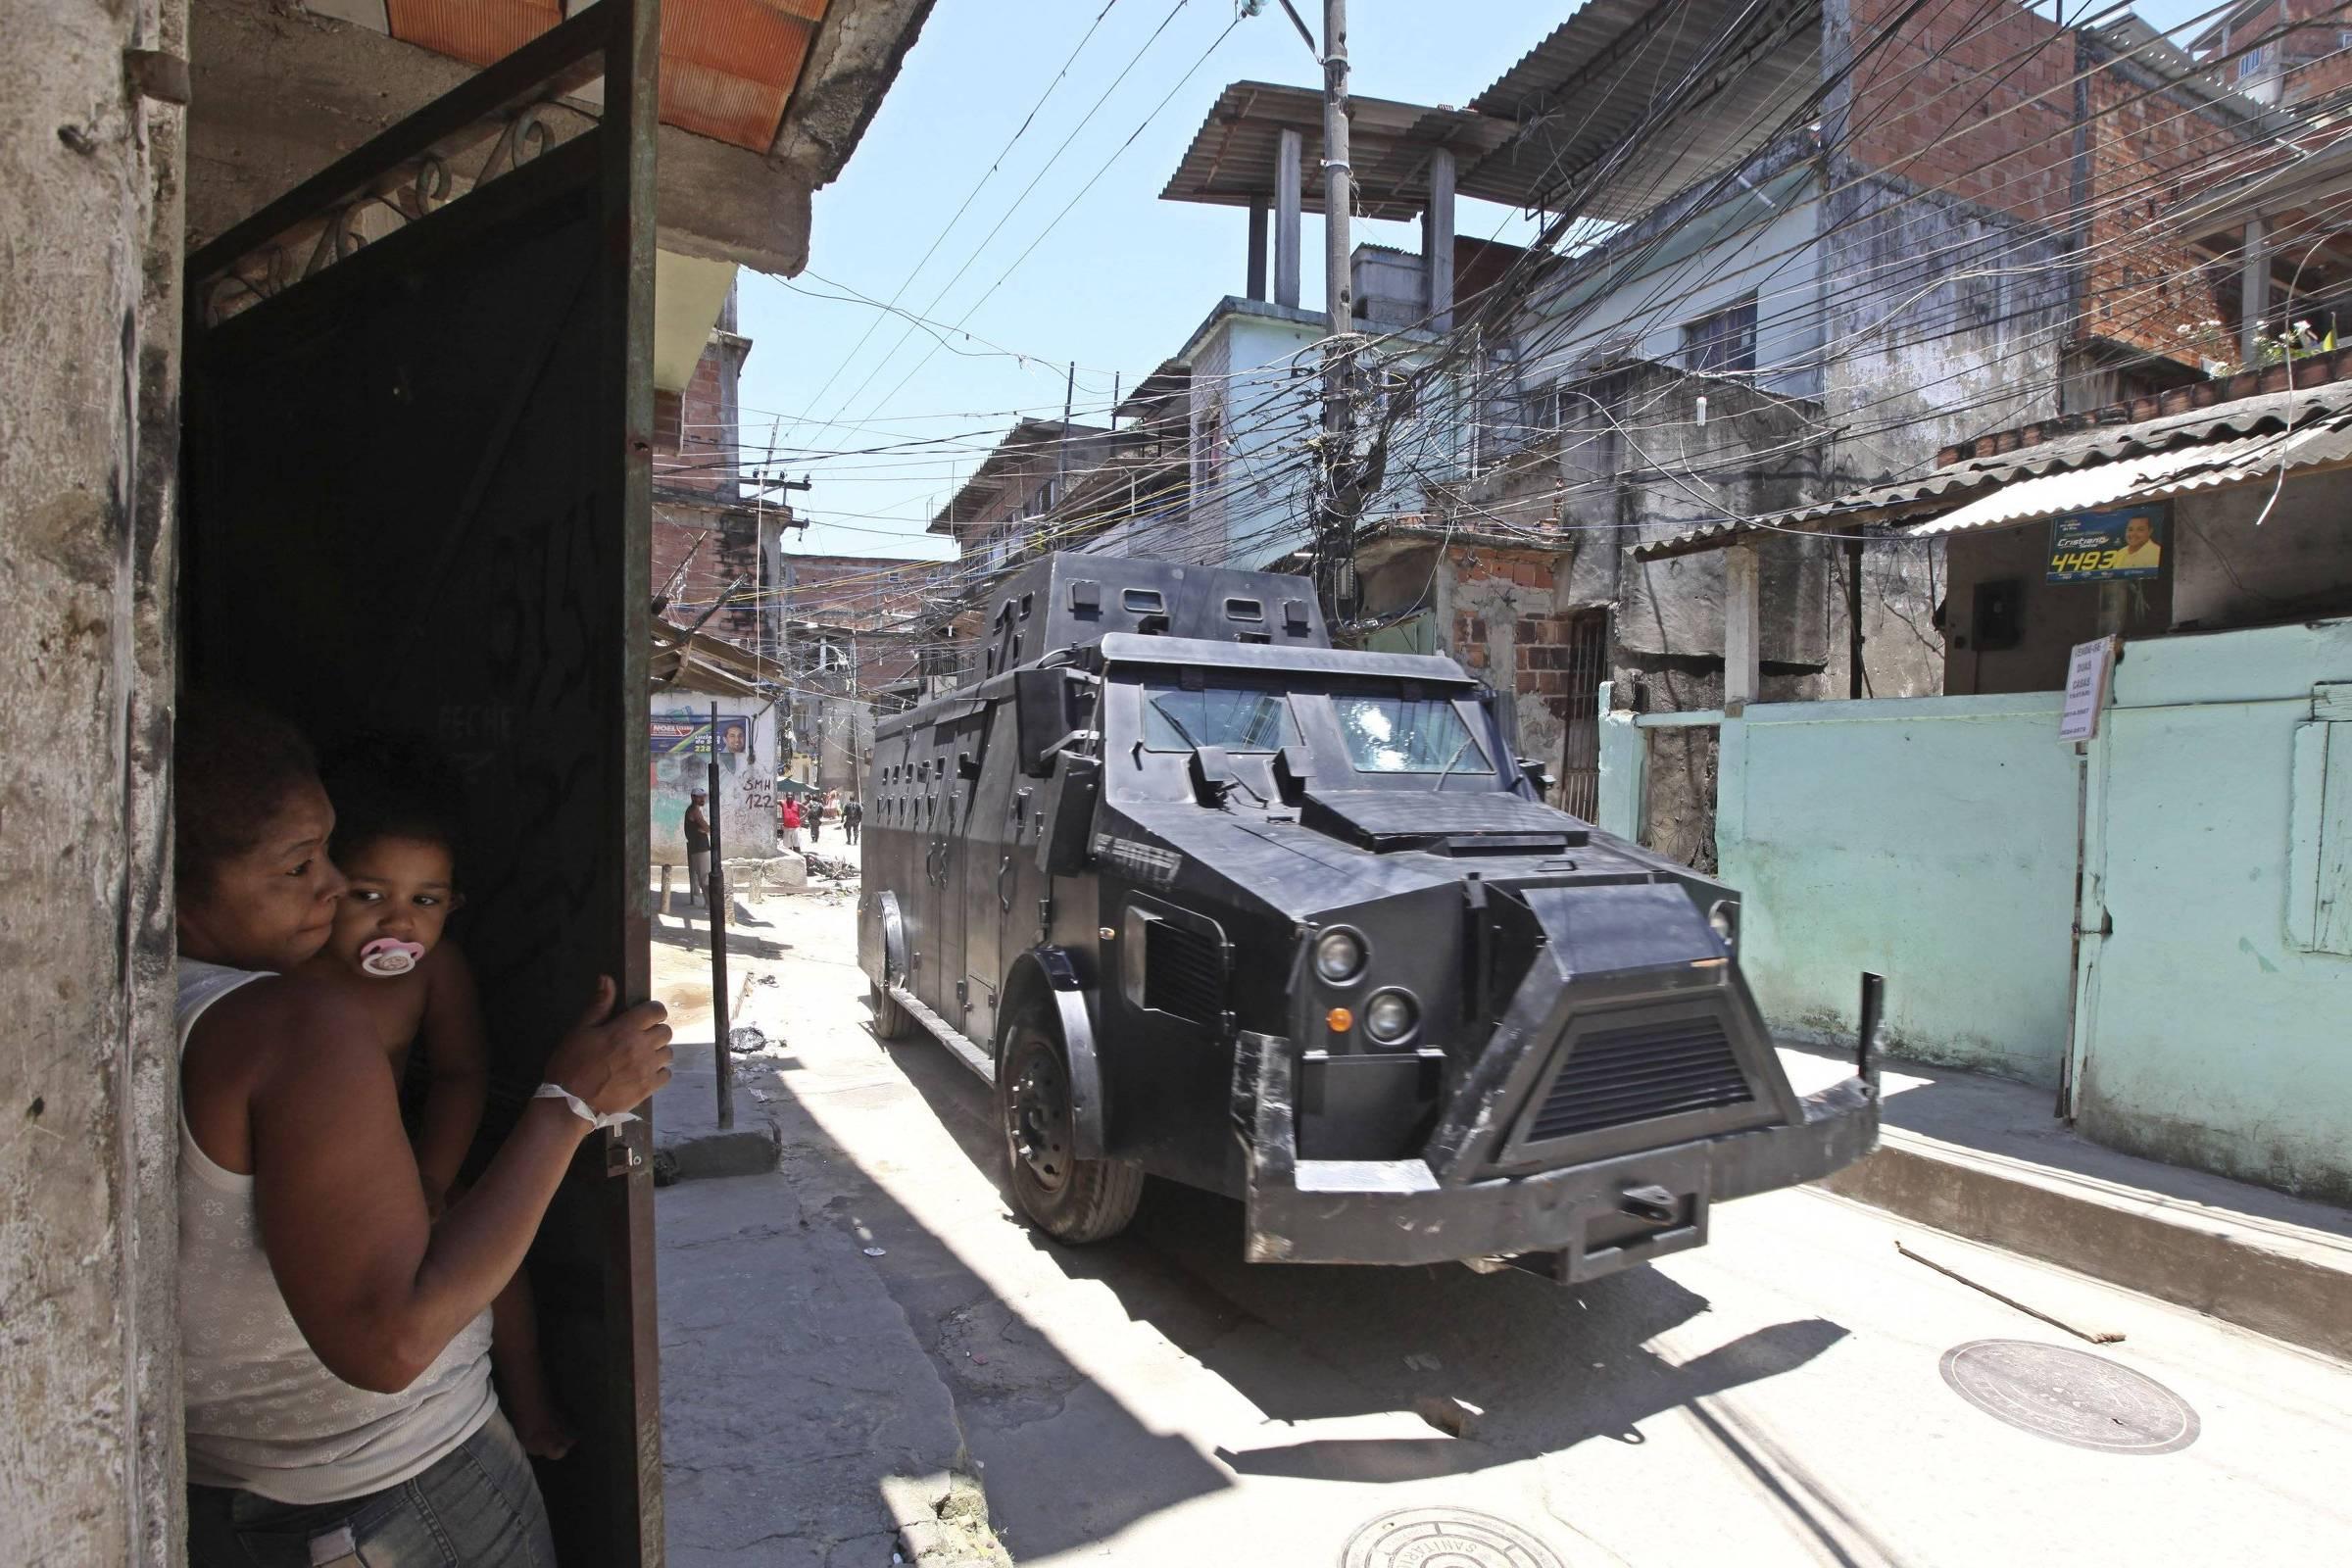 Caveirão usado pela PM do Rio para operações em favelas; na imagem, moradora do Complexo do Alemão segura bebê e se protege durante passagem de veículo blindado - Andre Penner - 28.nov.2010/Associated Press